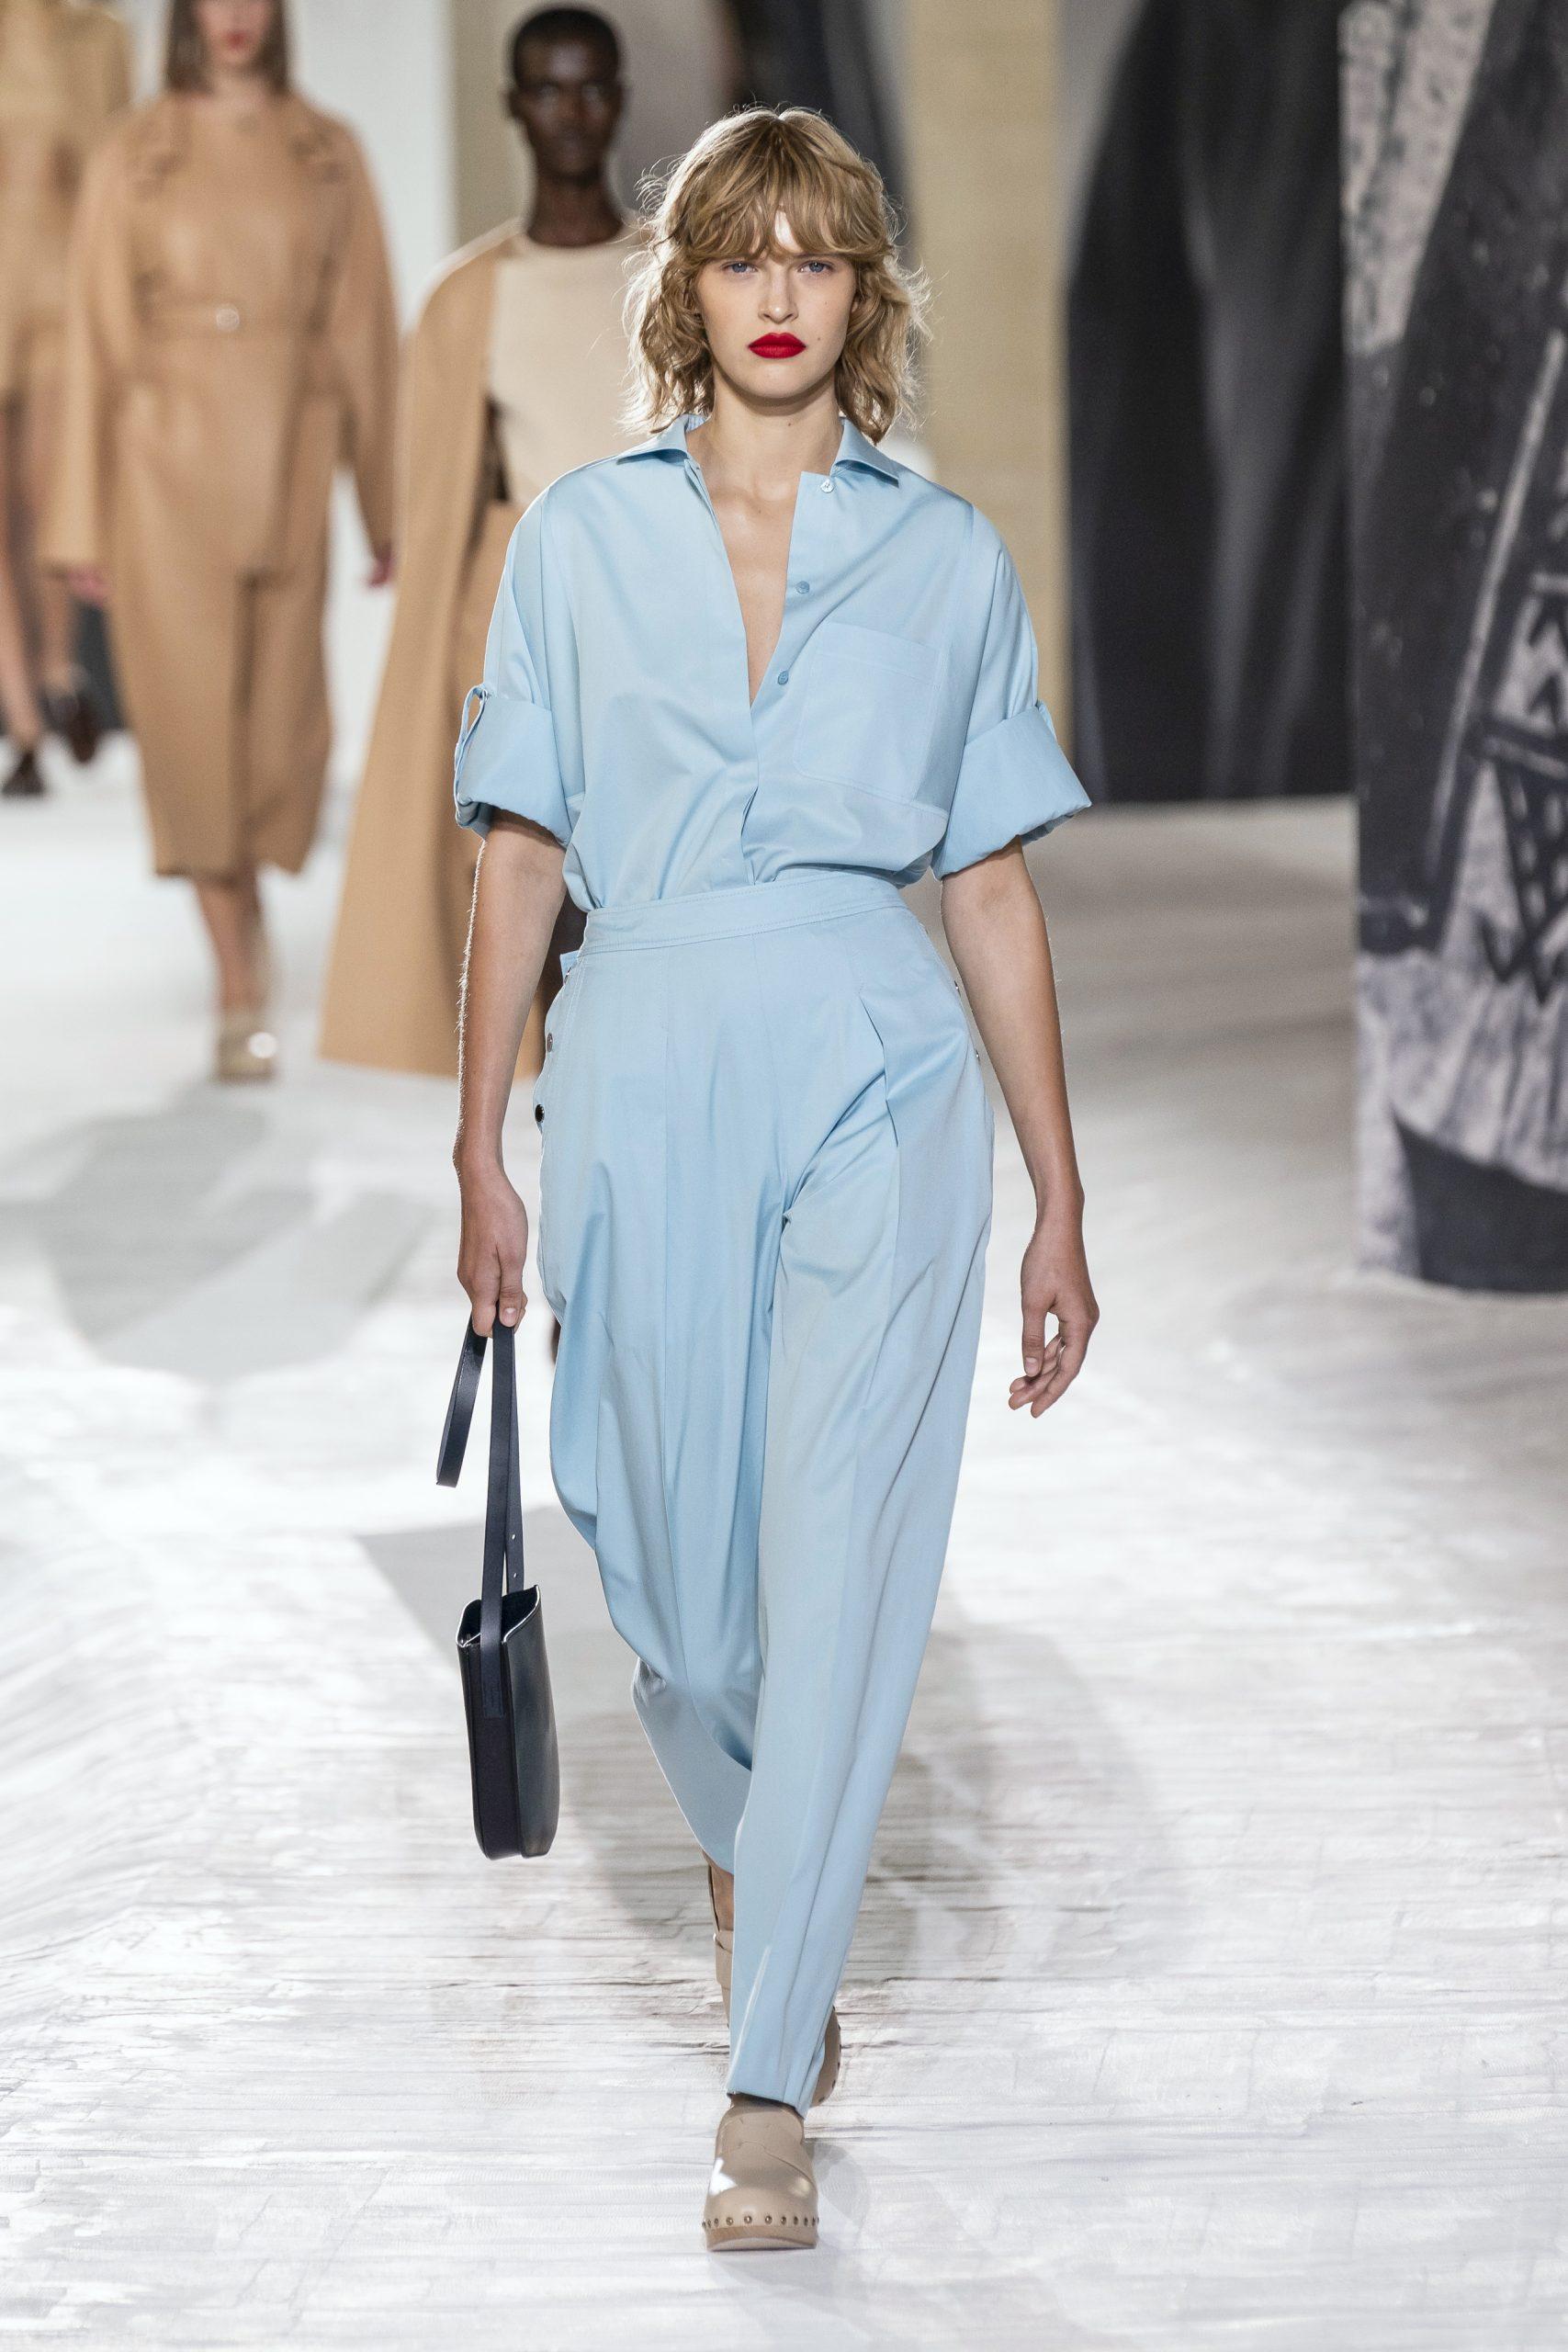 12. kép: Párizsi divathét - Hermès - 2021 tavasz-nyár - ready to wear